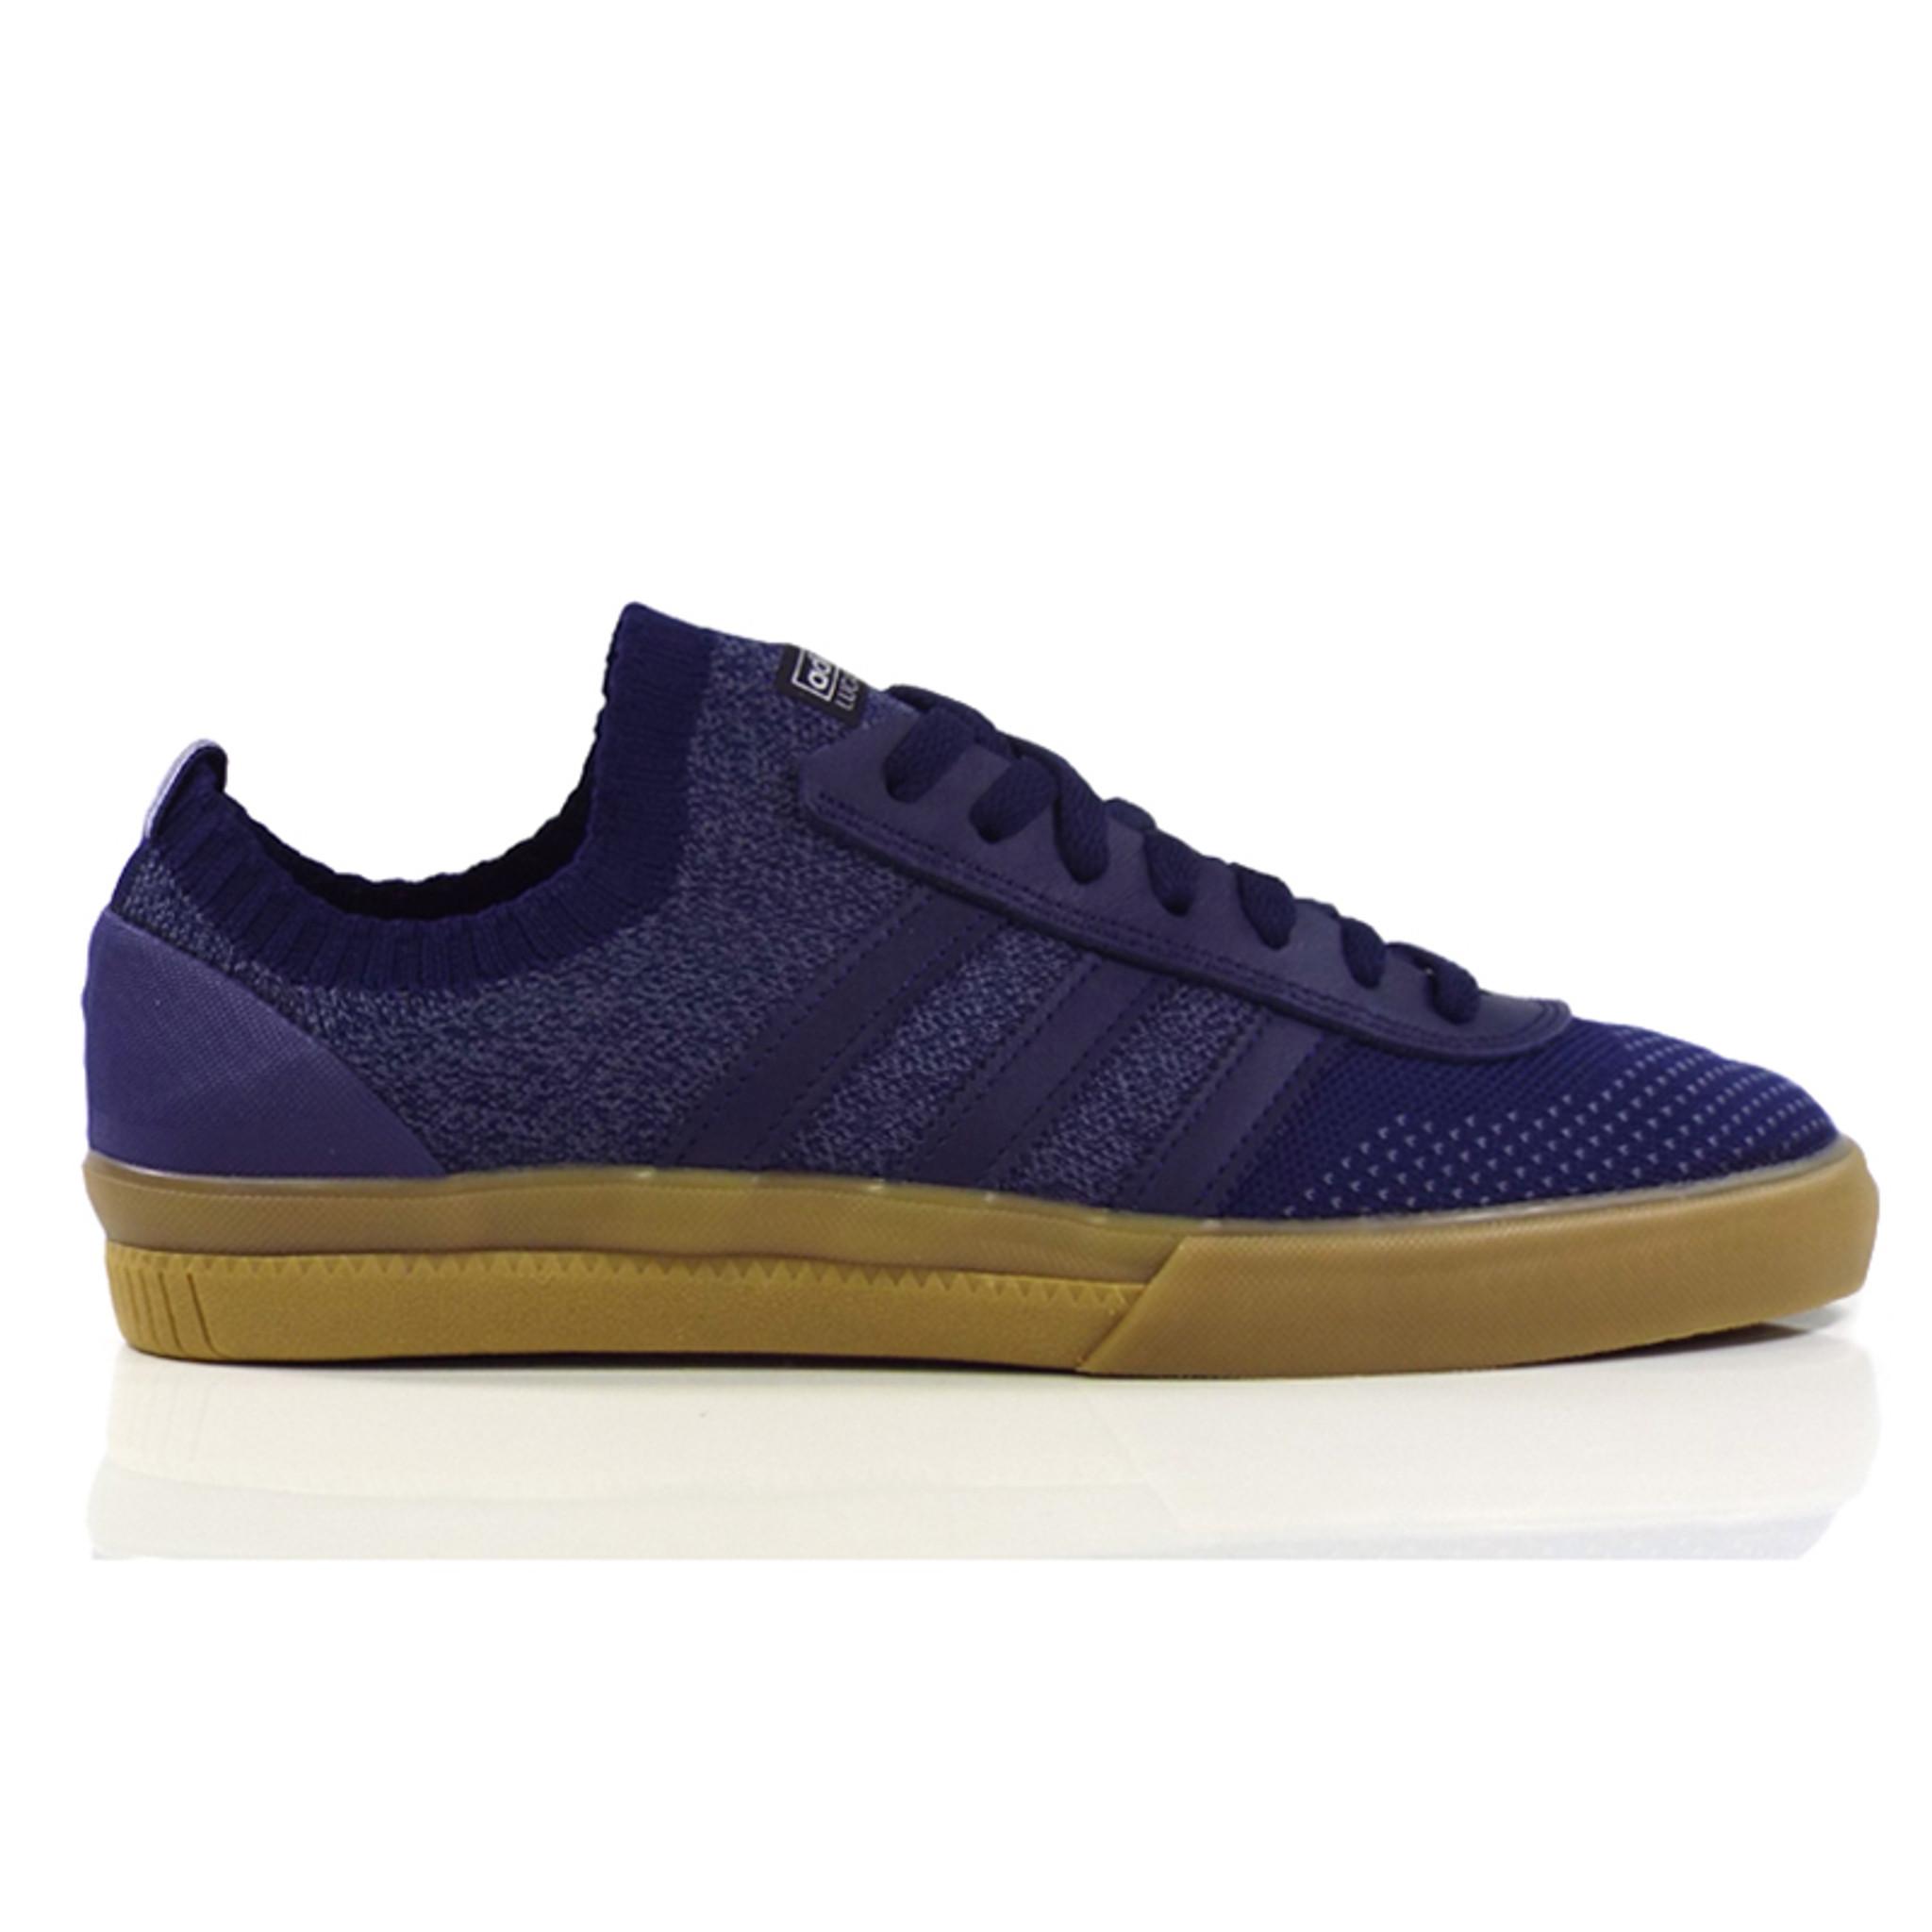 Adidas Lucas Premiere Primeknit Shoes Collegiate NavyOnix Gum